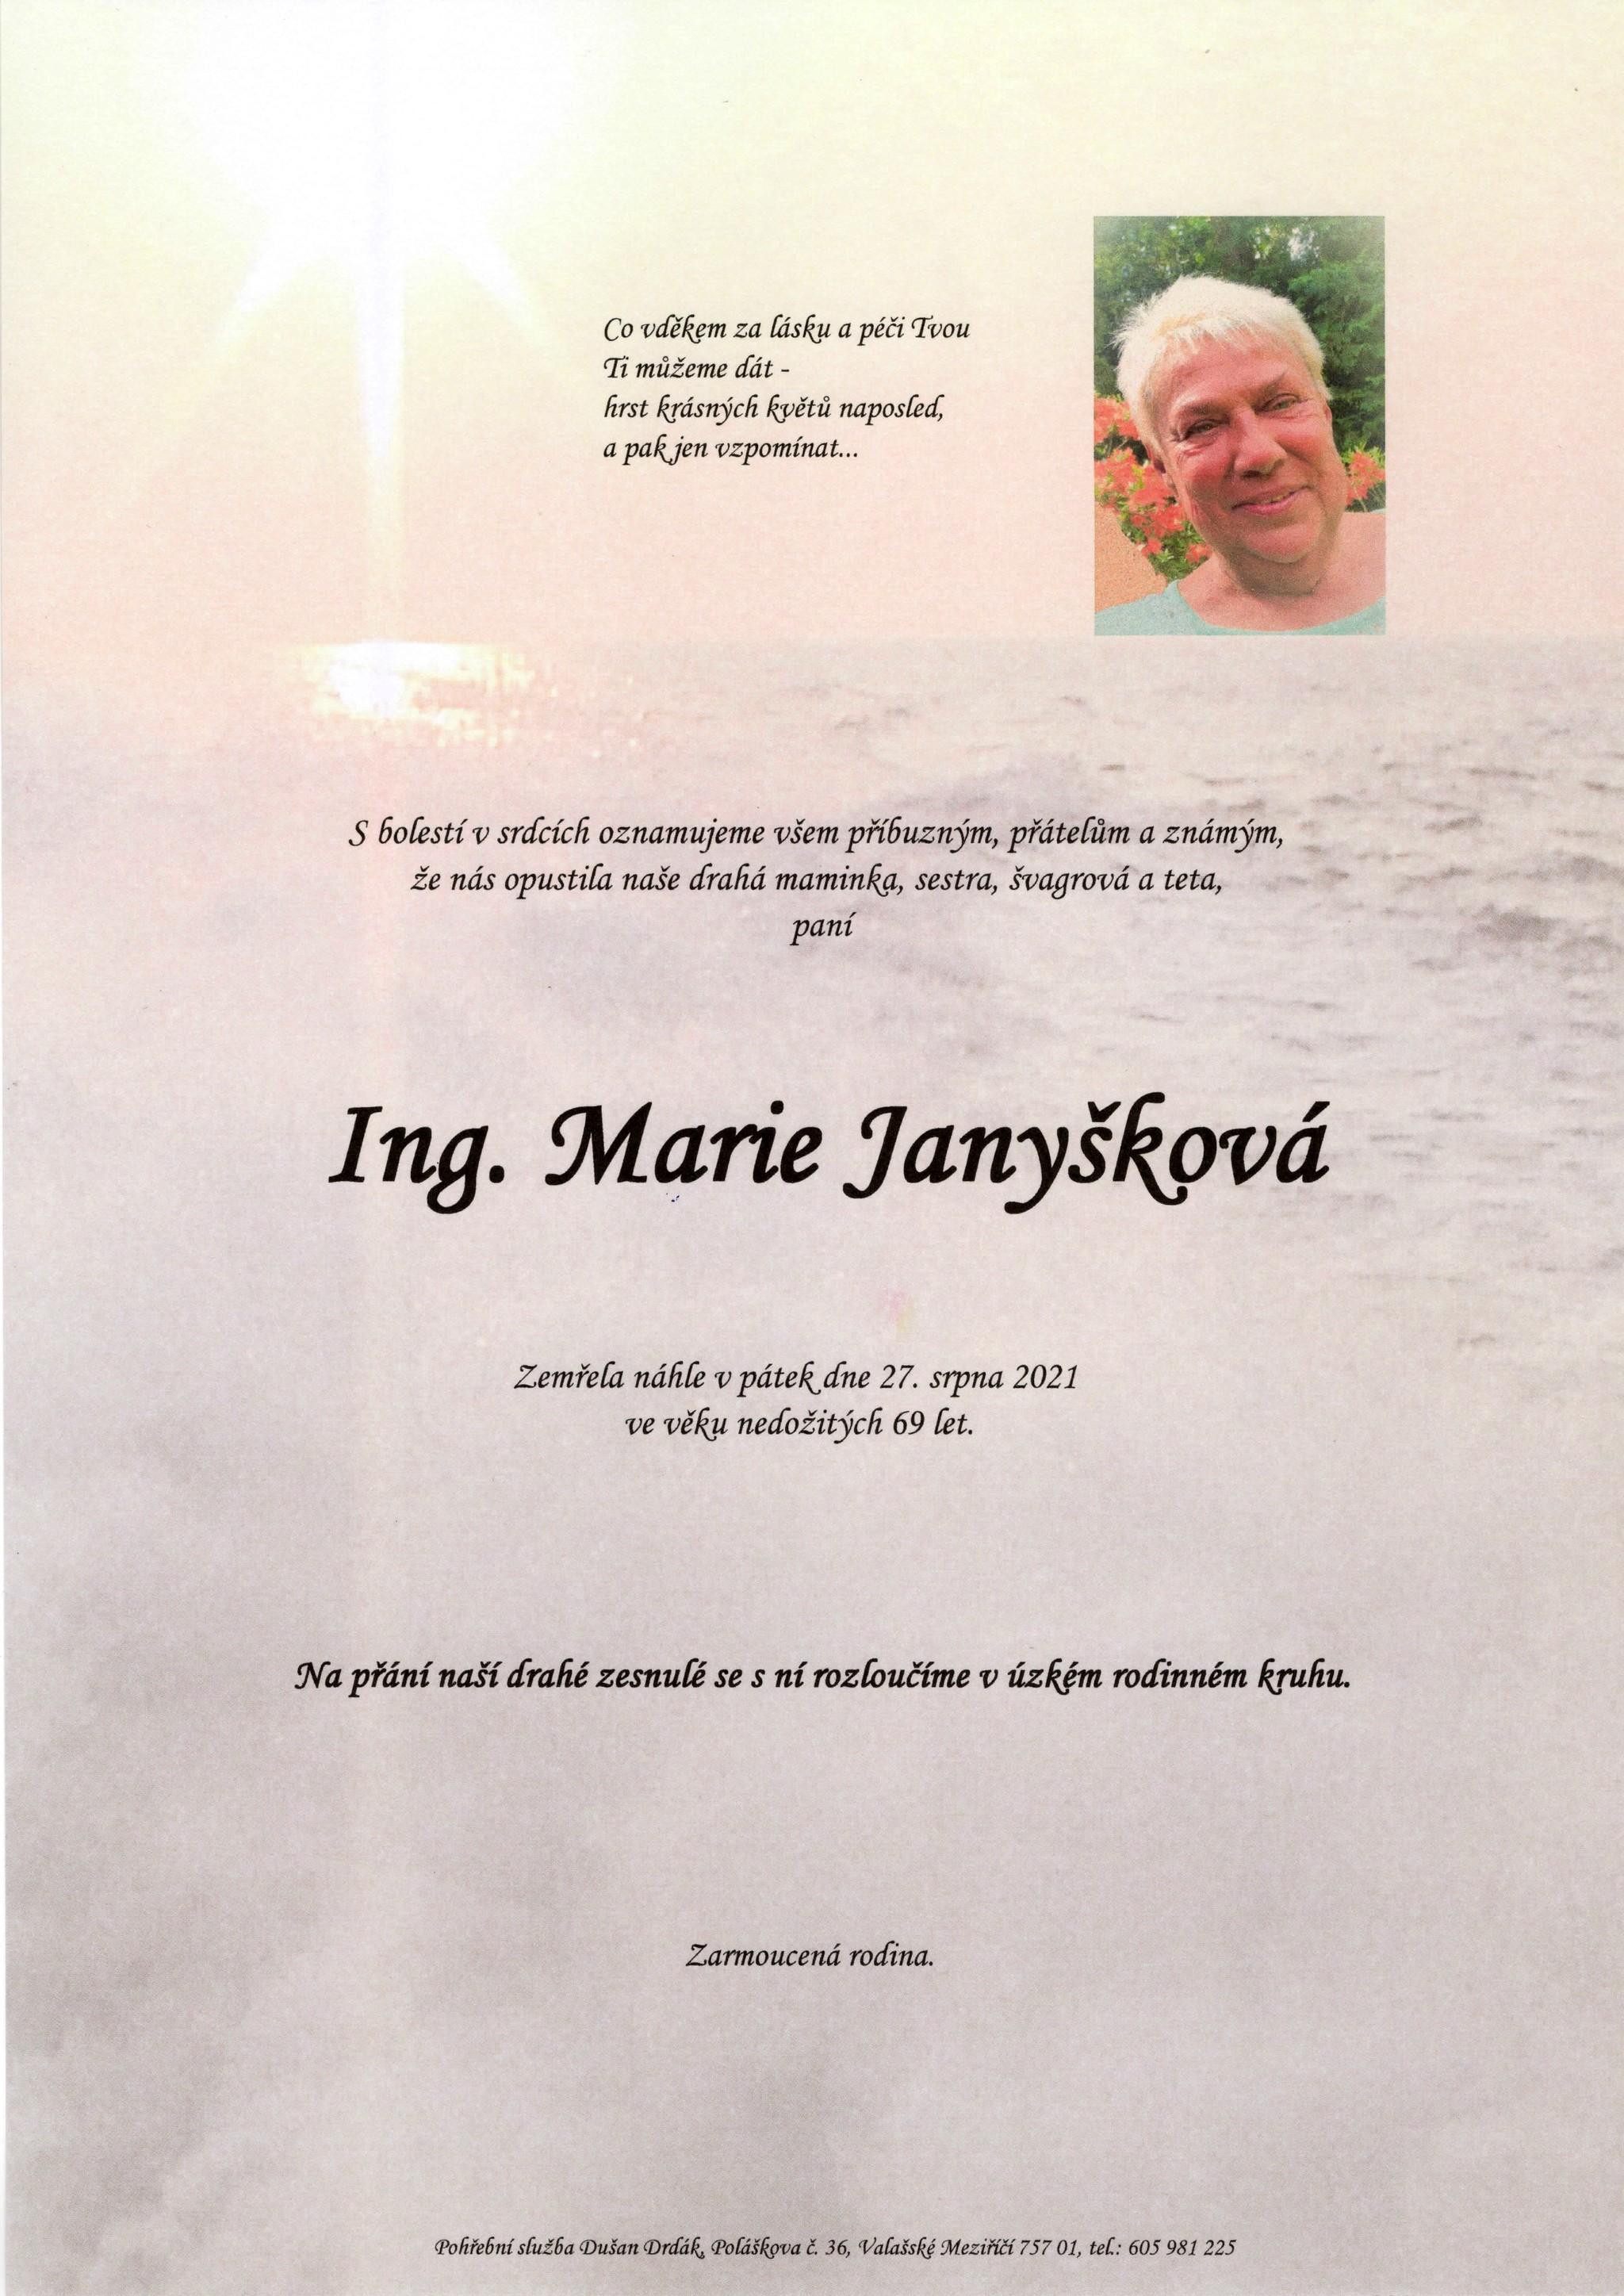 Ing. Marie Janyšková